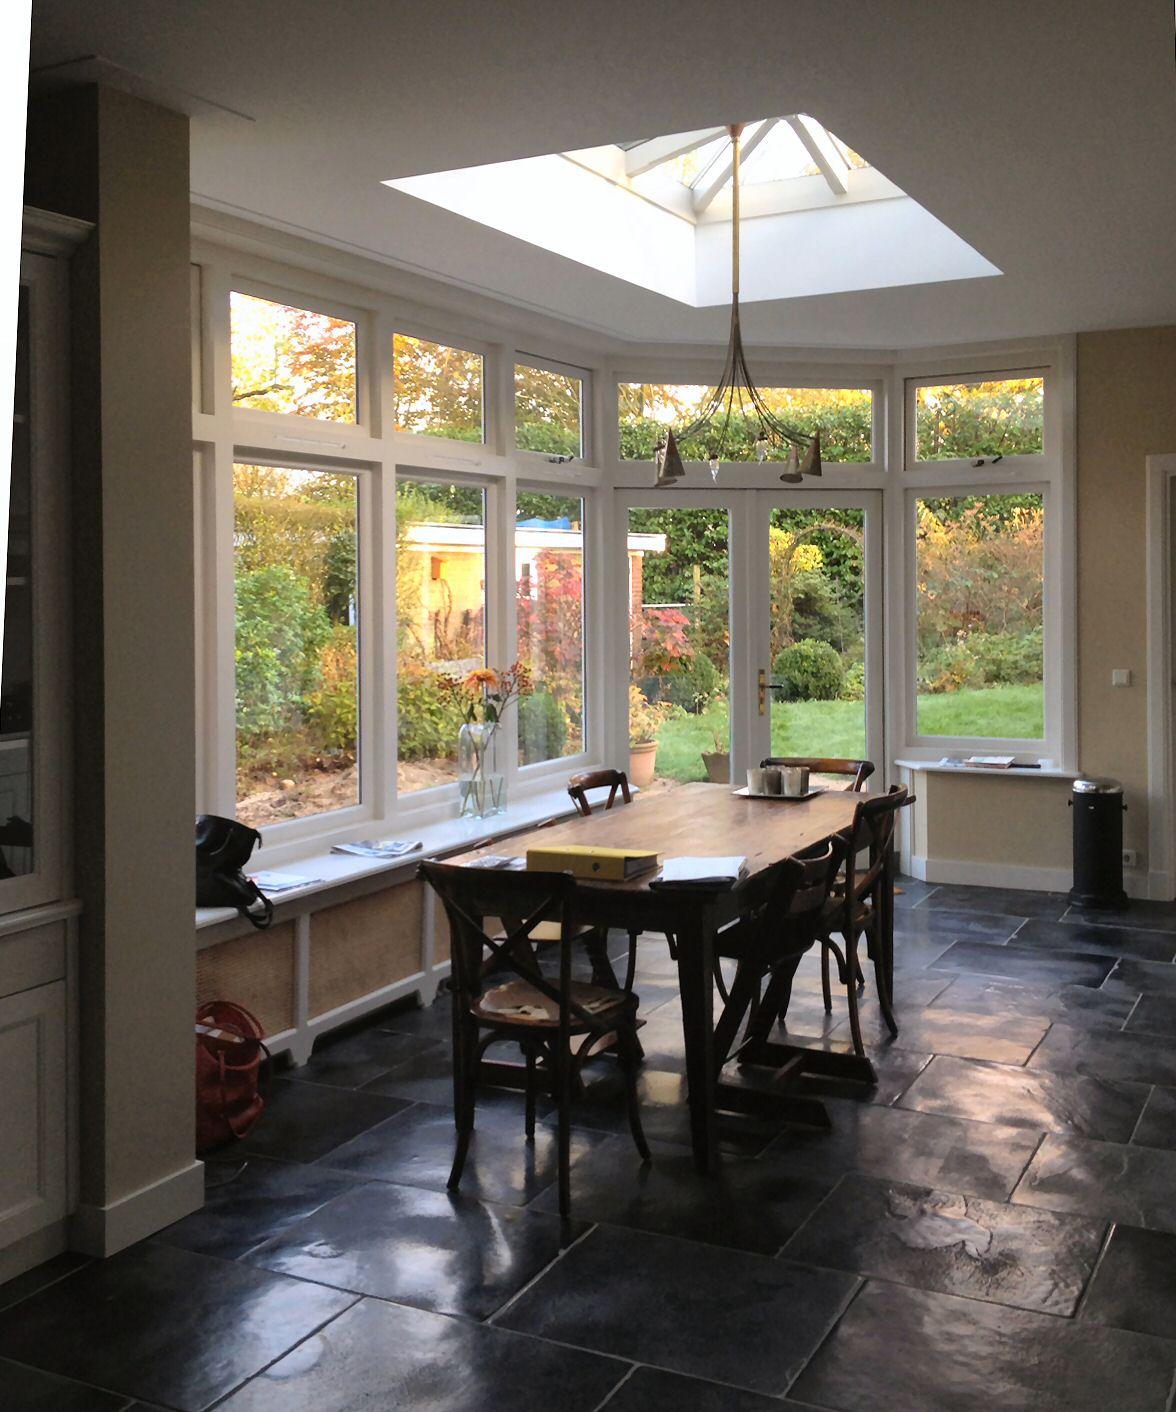 Oosterbeek uitbreiding jaren 39 30 woning architectenbureau van l ben sels - Uitbreiding huis glas ...